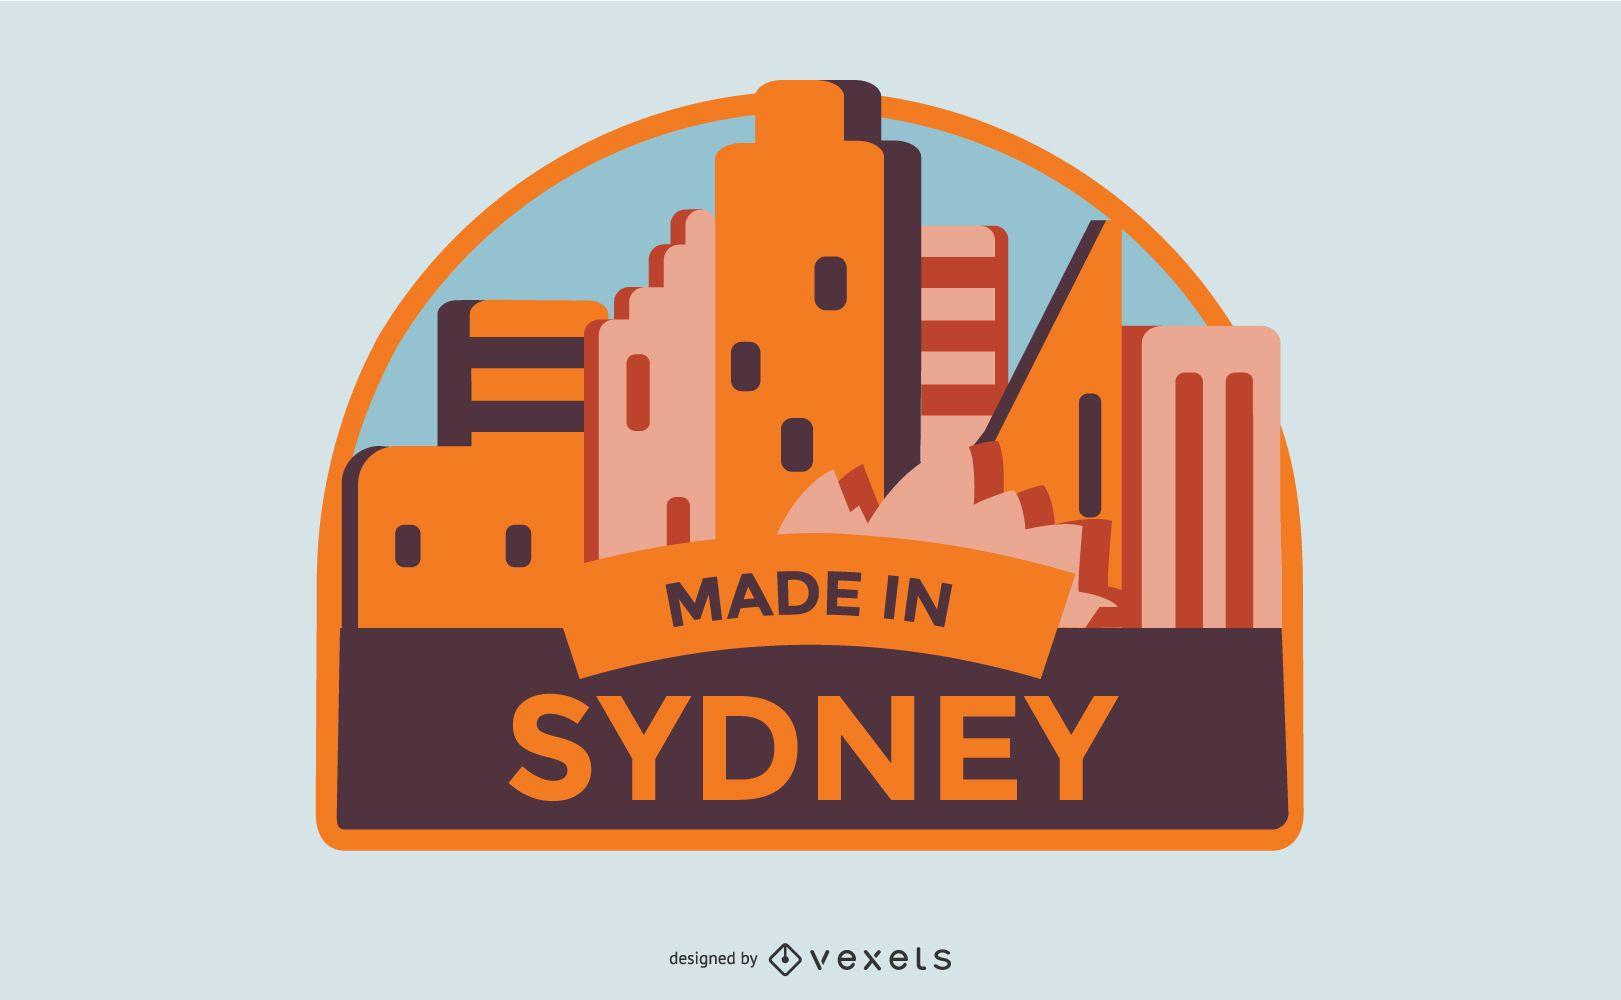 Made in Sydney Label Design